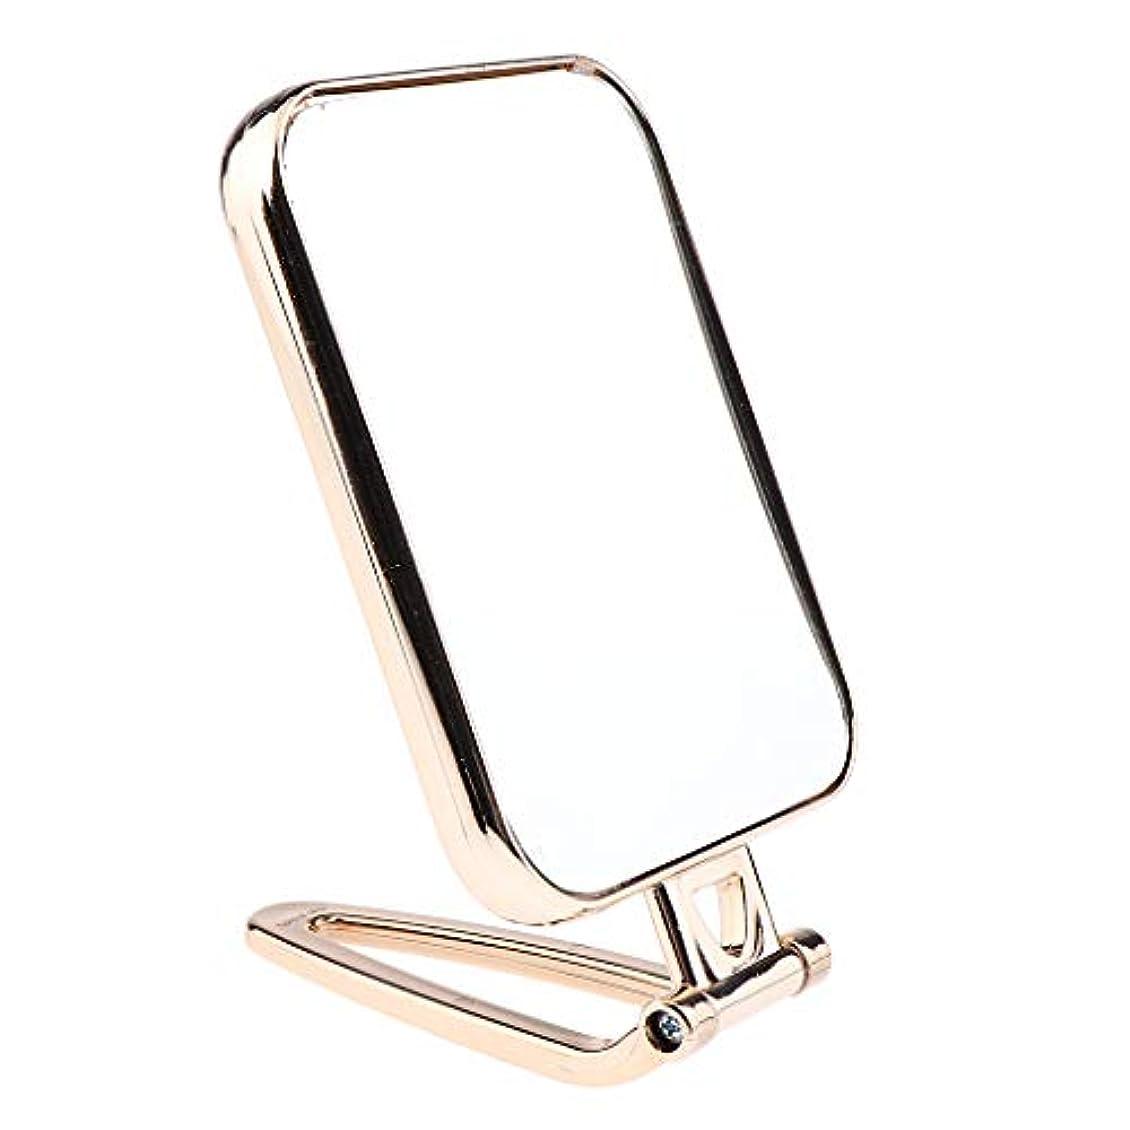 カメラ拘束する実験的メイクアップミラー 折りたたみ ポータブル 洗面台 卓上 旅行 コンパクトミラー 2タイプ選べ - ゴールド